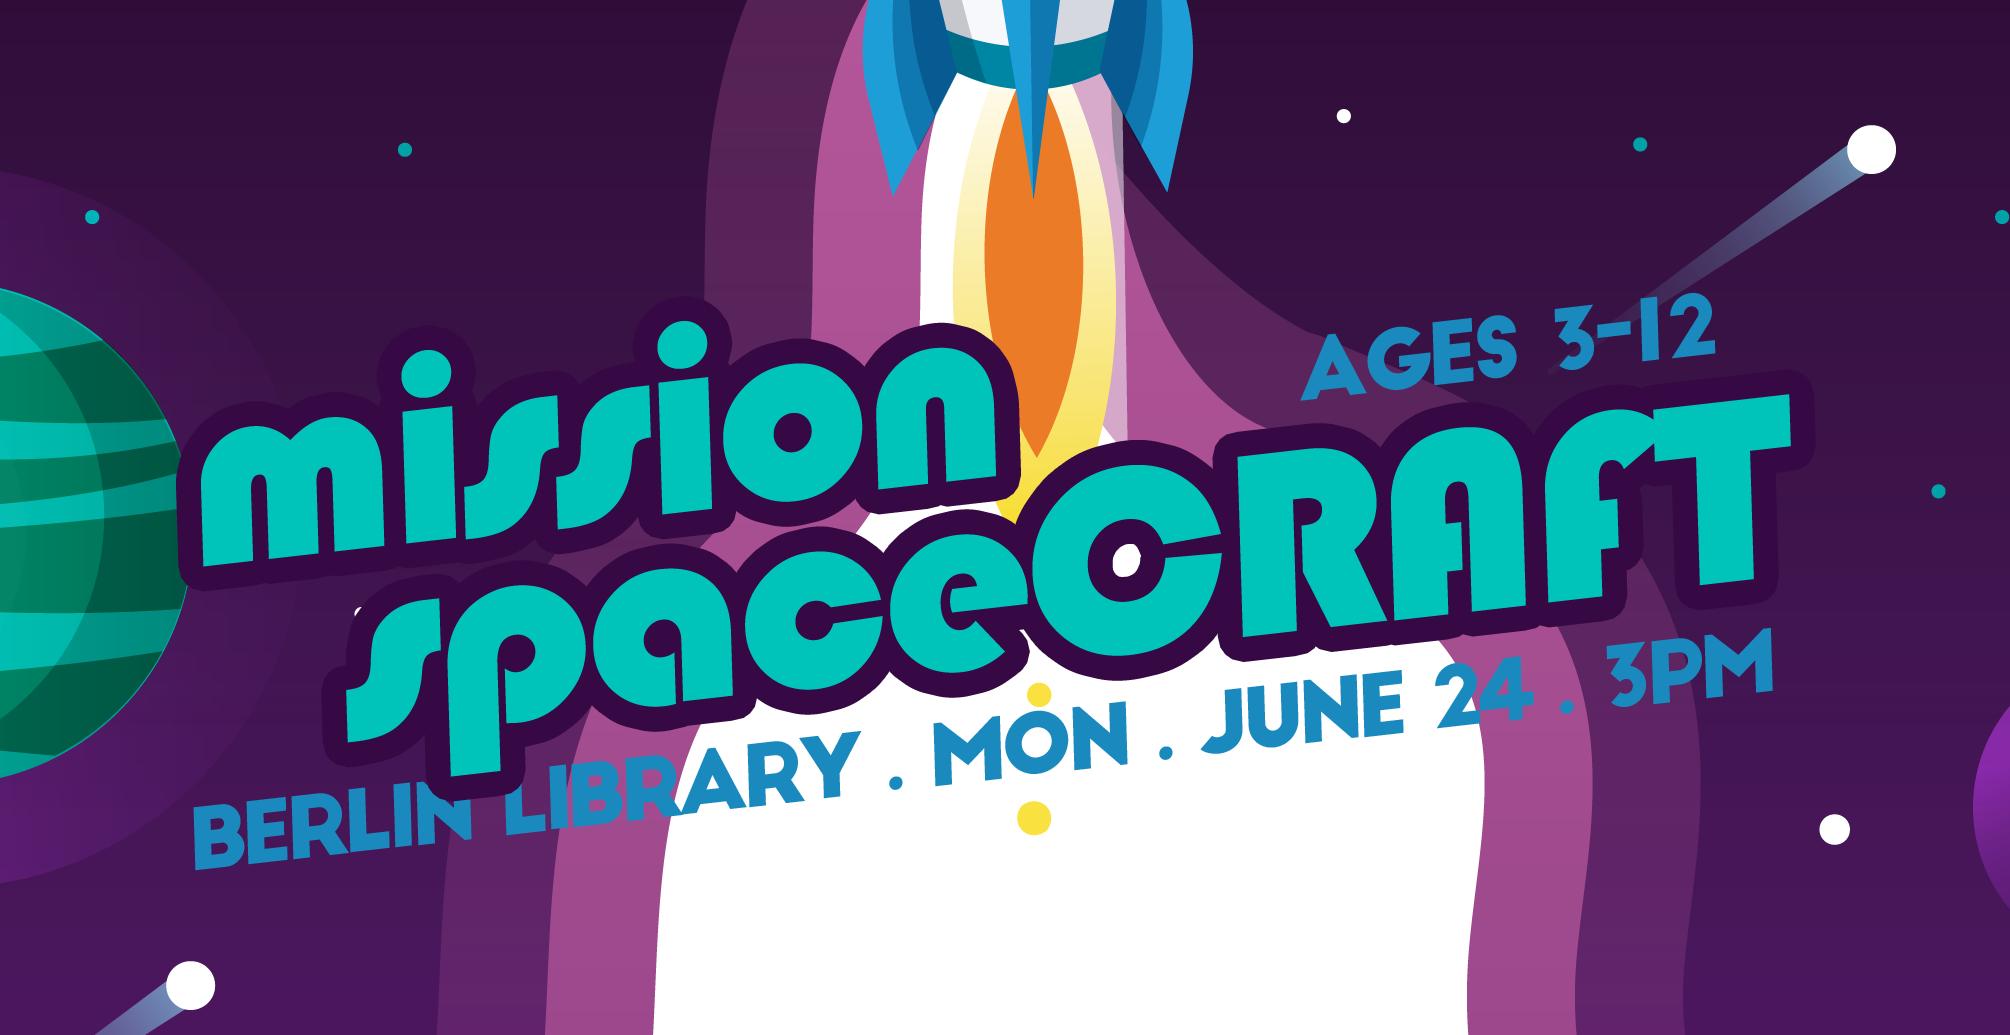 2019-06-CHILDRENS-Berlin-Mission-SpaceCRAFT-Slide